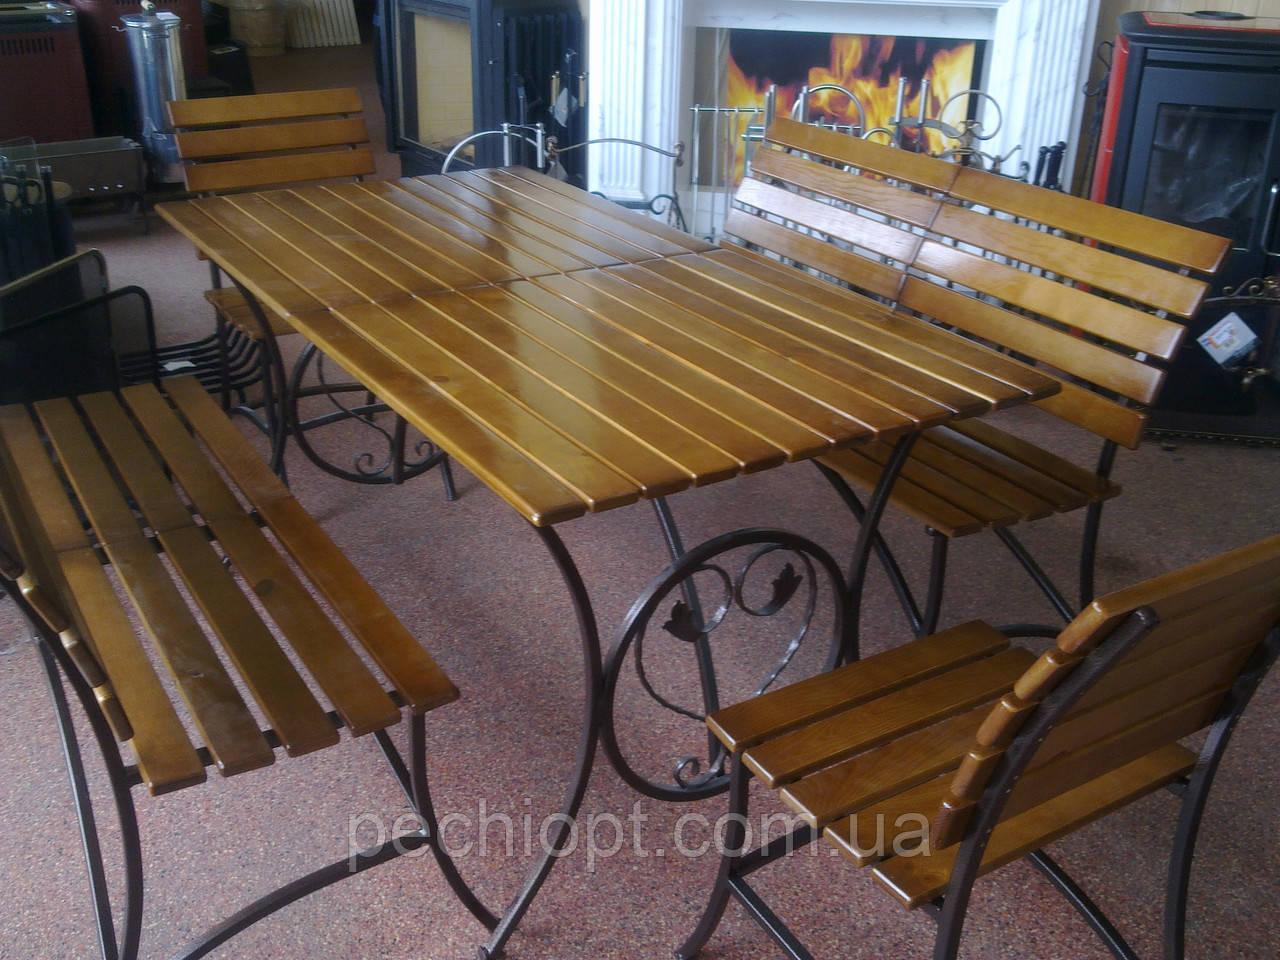 Мебель для кафе и бара - Салон «Сауны Камины Барбекю» в Киеве